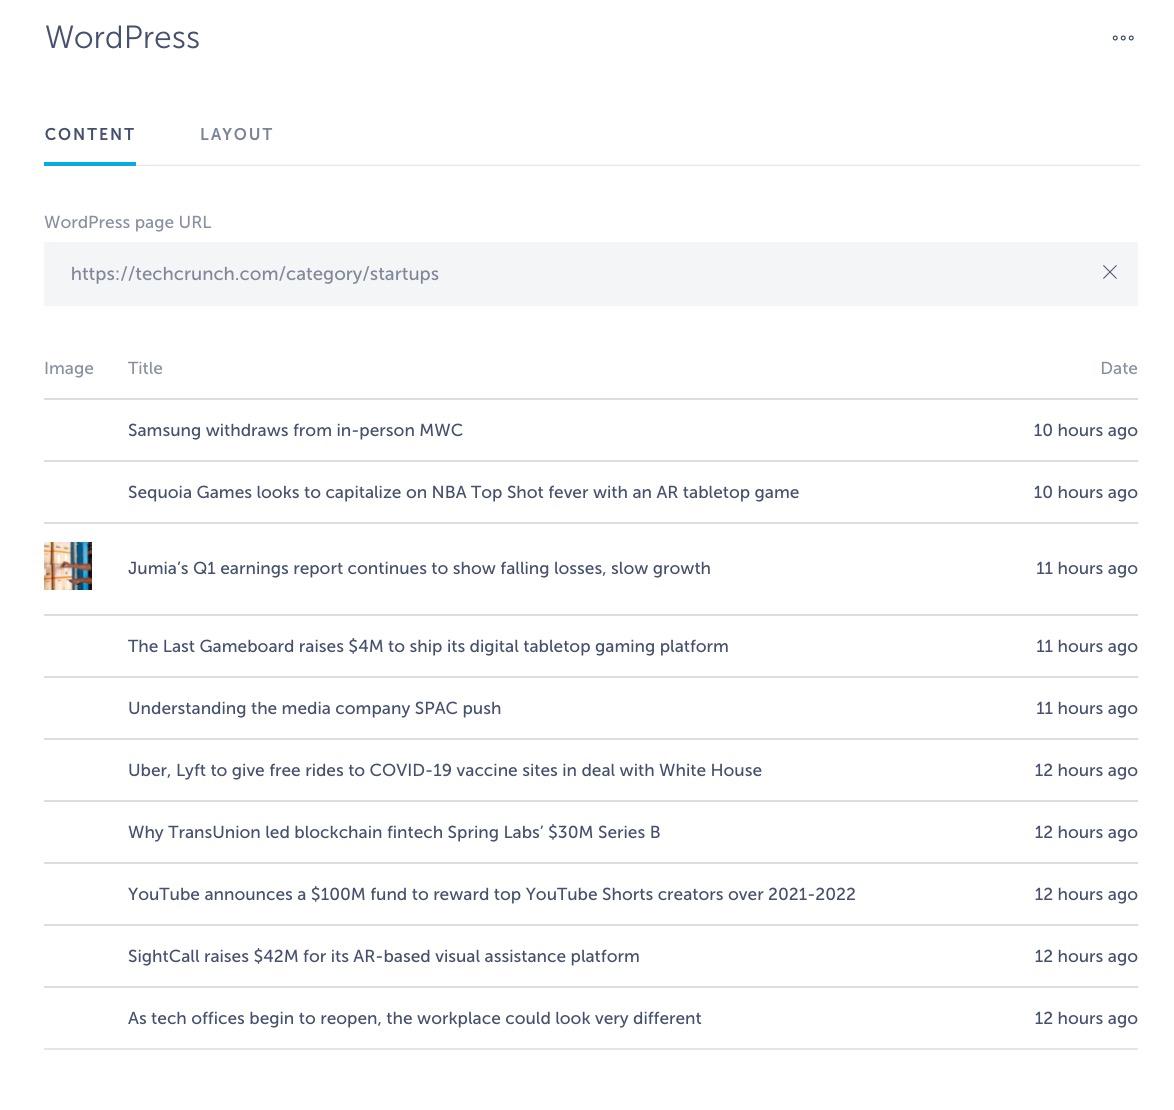 categorize urls in wordpress app